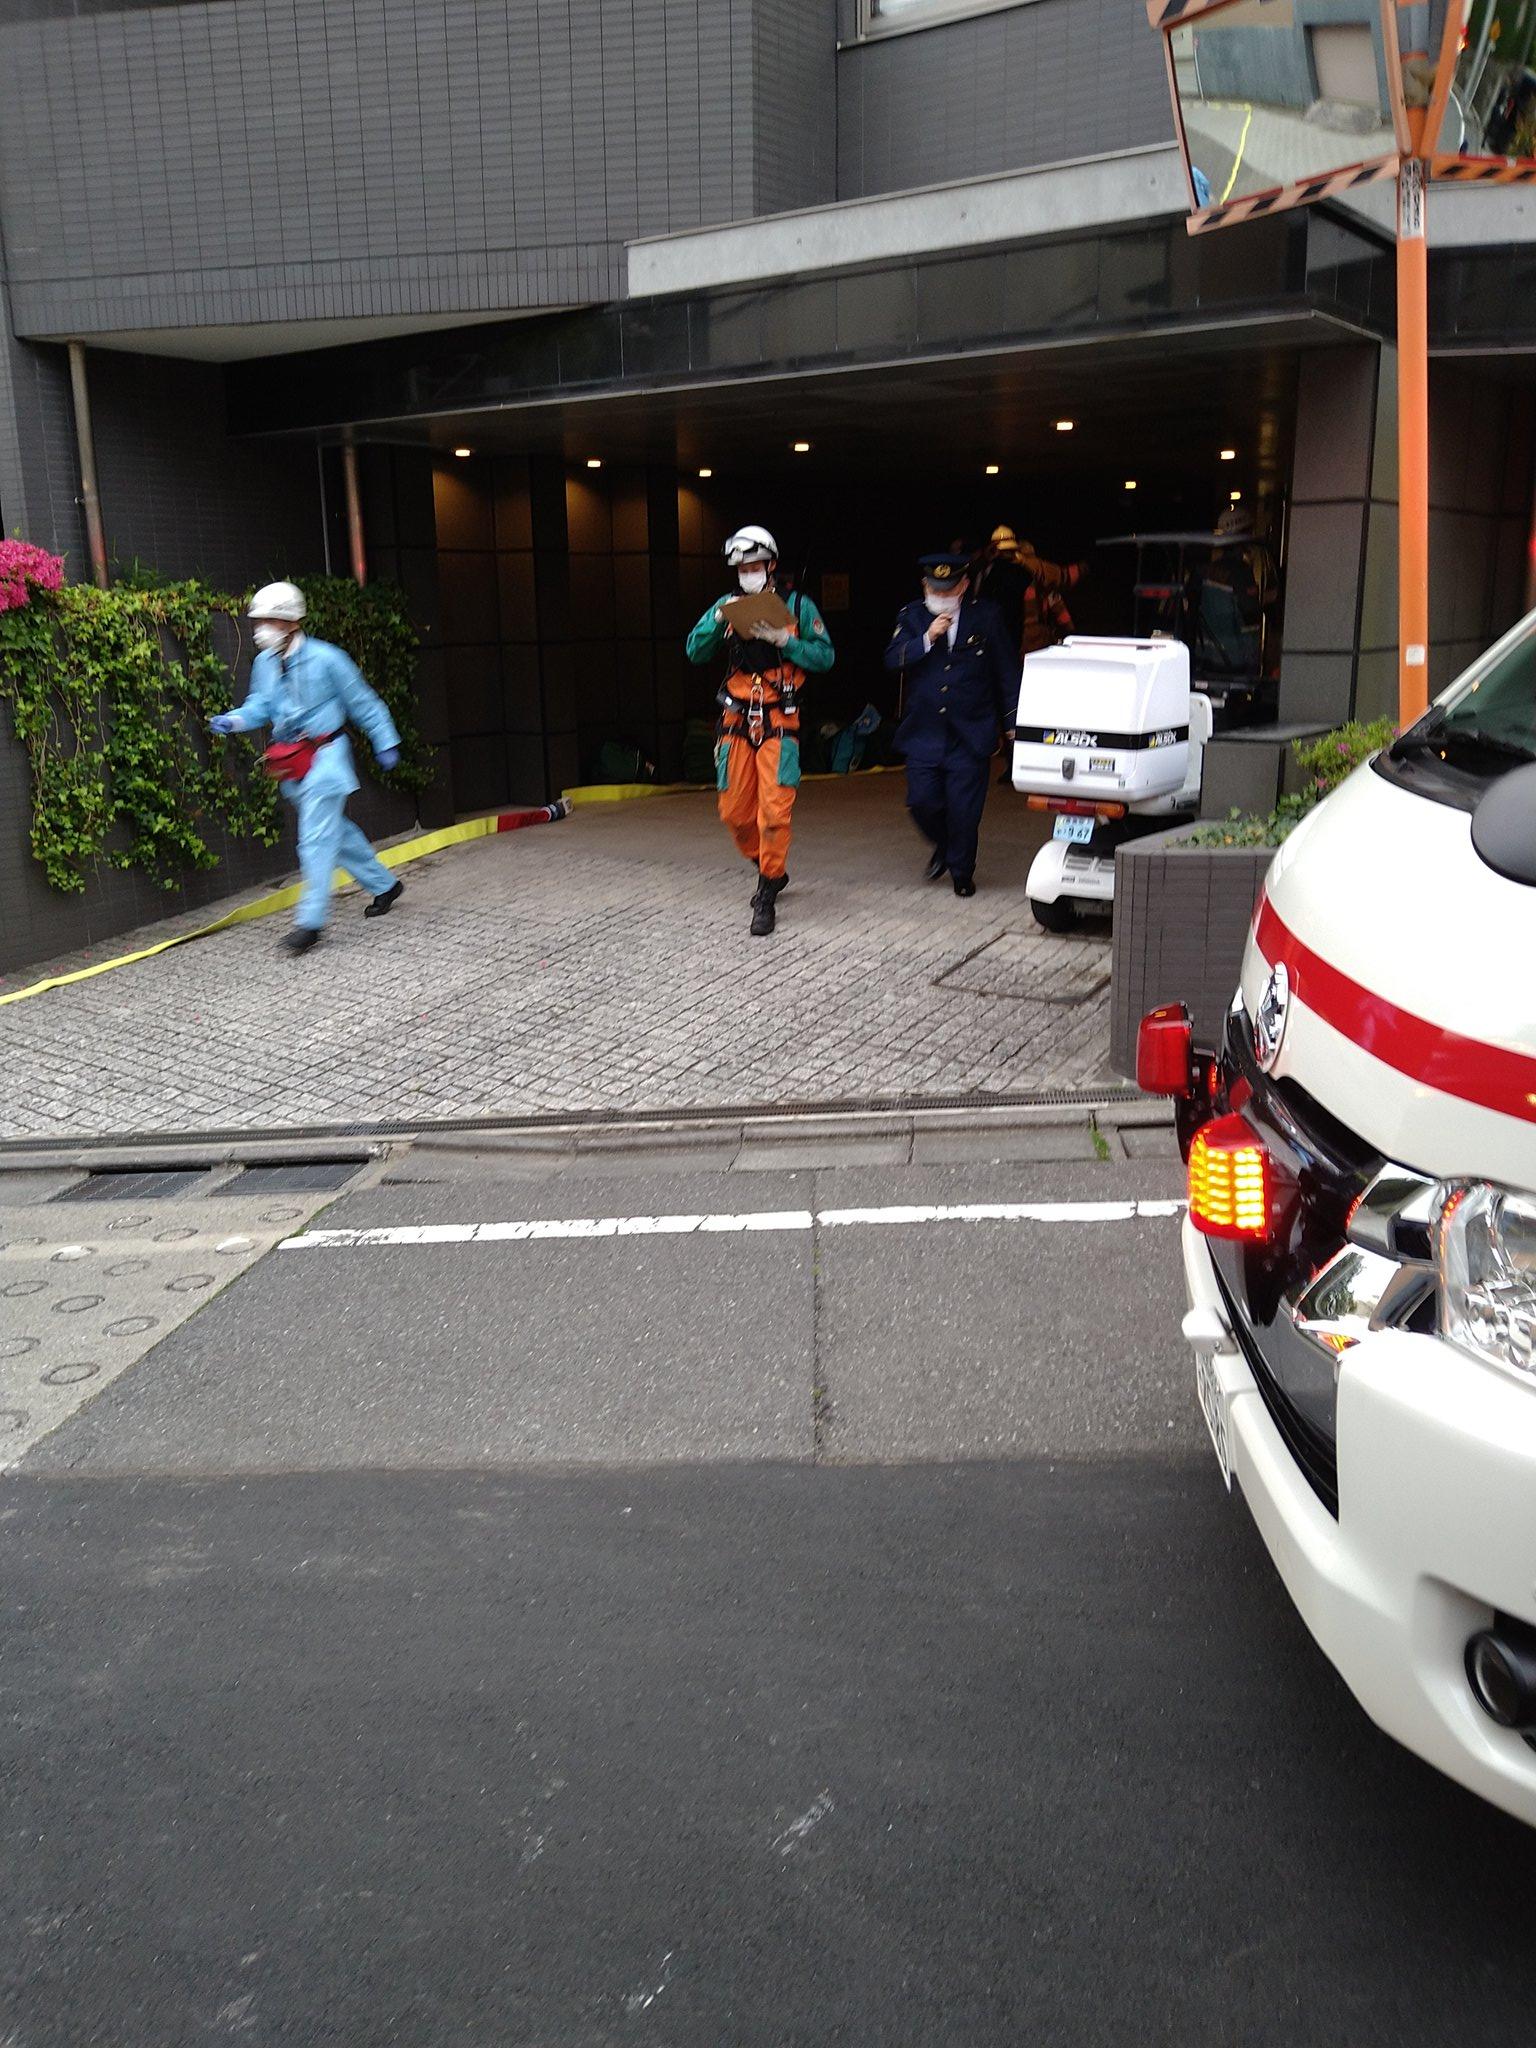 新宿区下落合のマンション地下駐車場の事故現場の画像